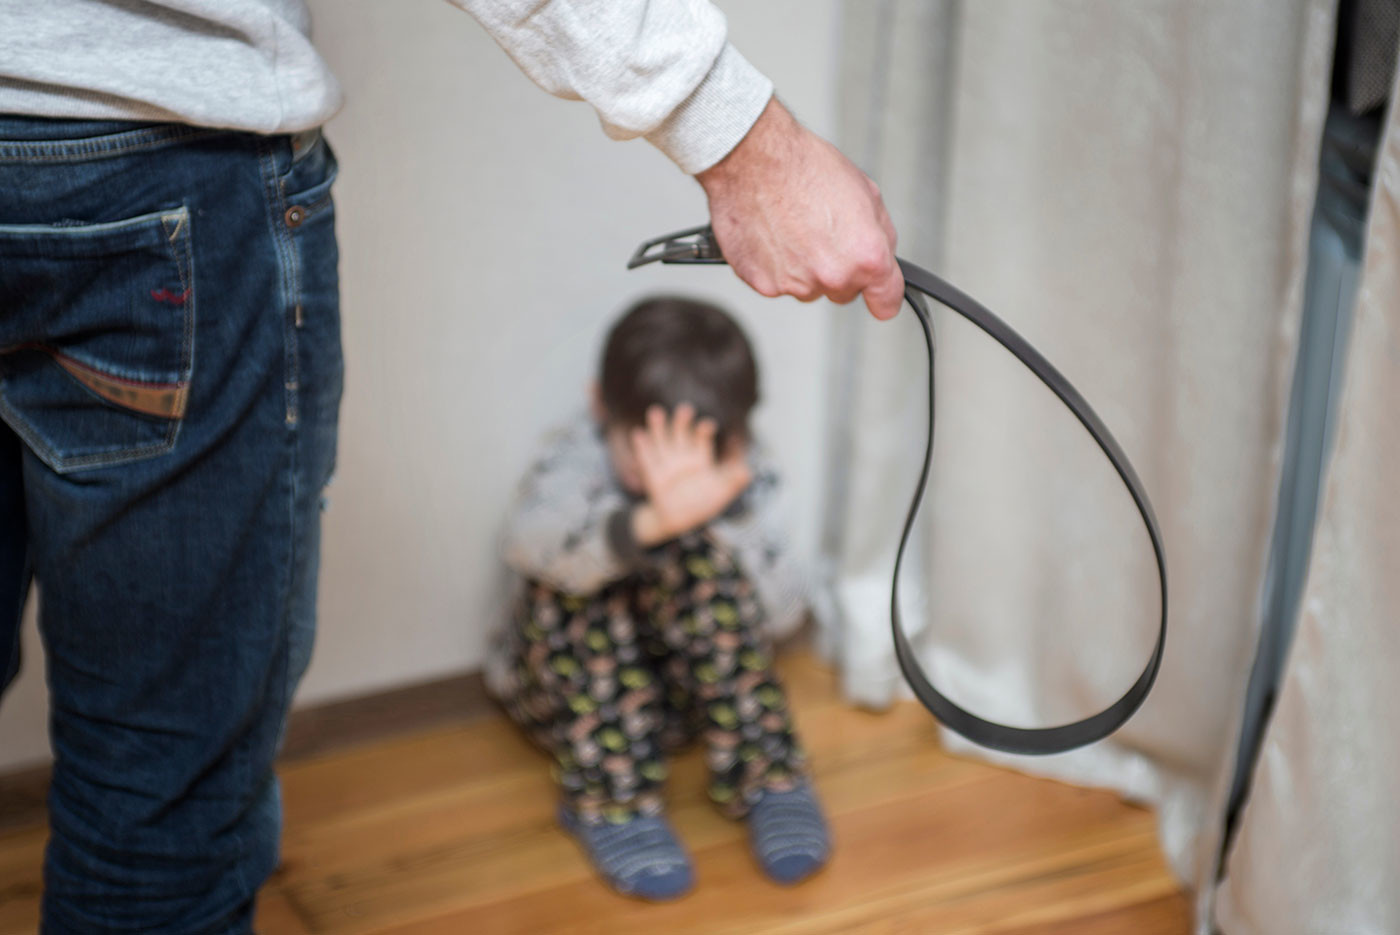 Можно ли бить ребенка по попе в целях воспитания: советы психологов